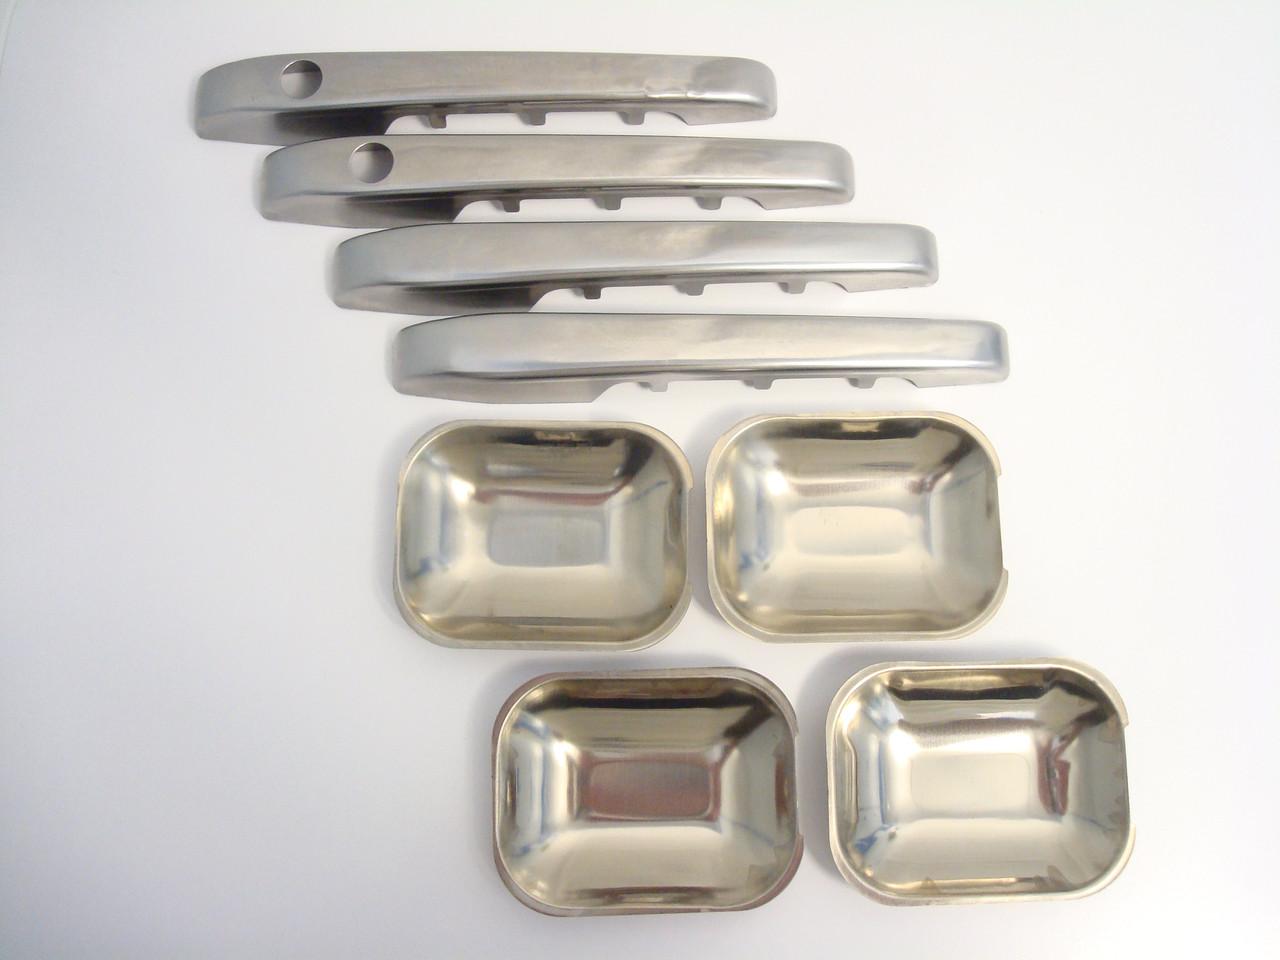 Комплект накладок з нержавіючої сталі на автомобільні дверні ручки ВАЗ 2109 INTERPLAST